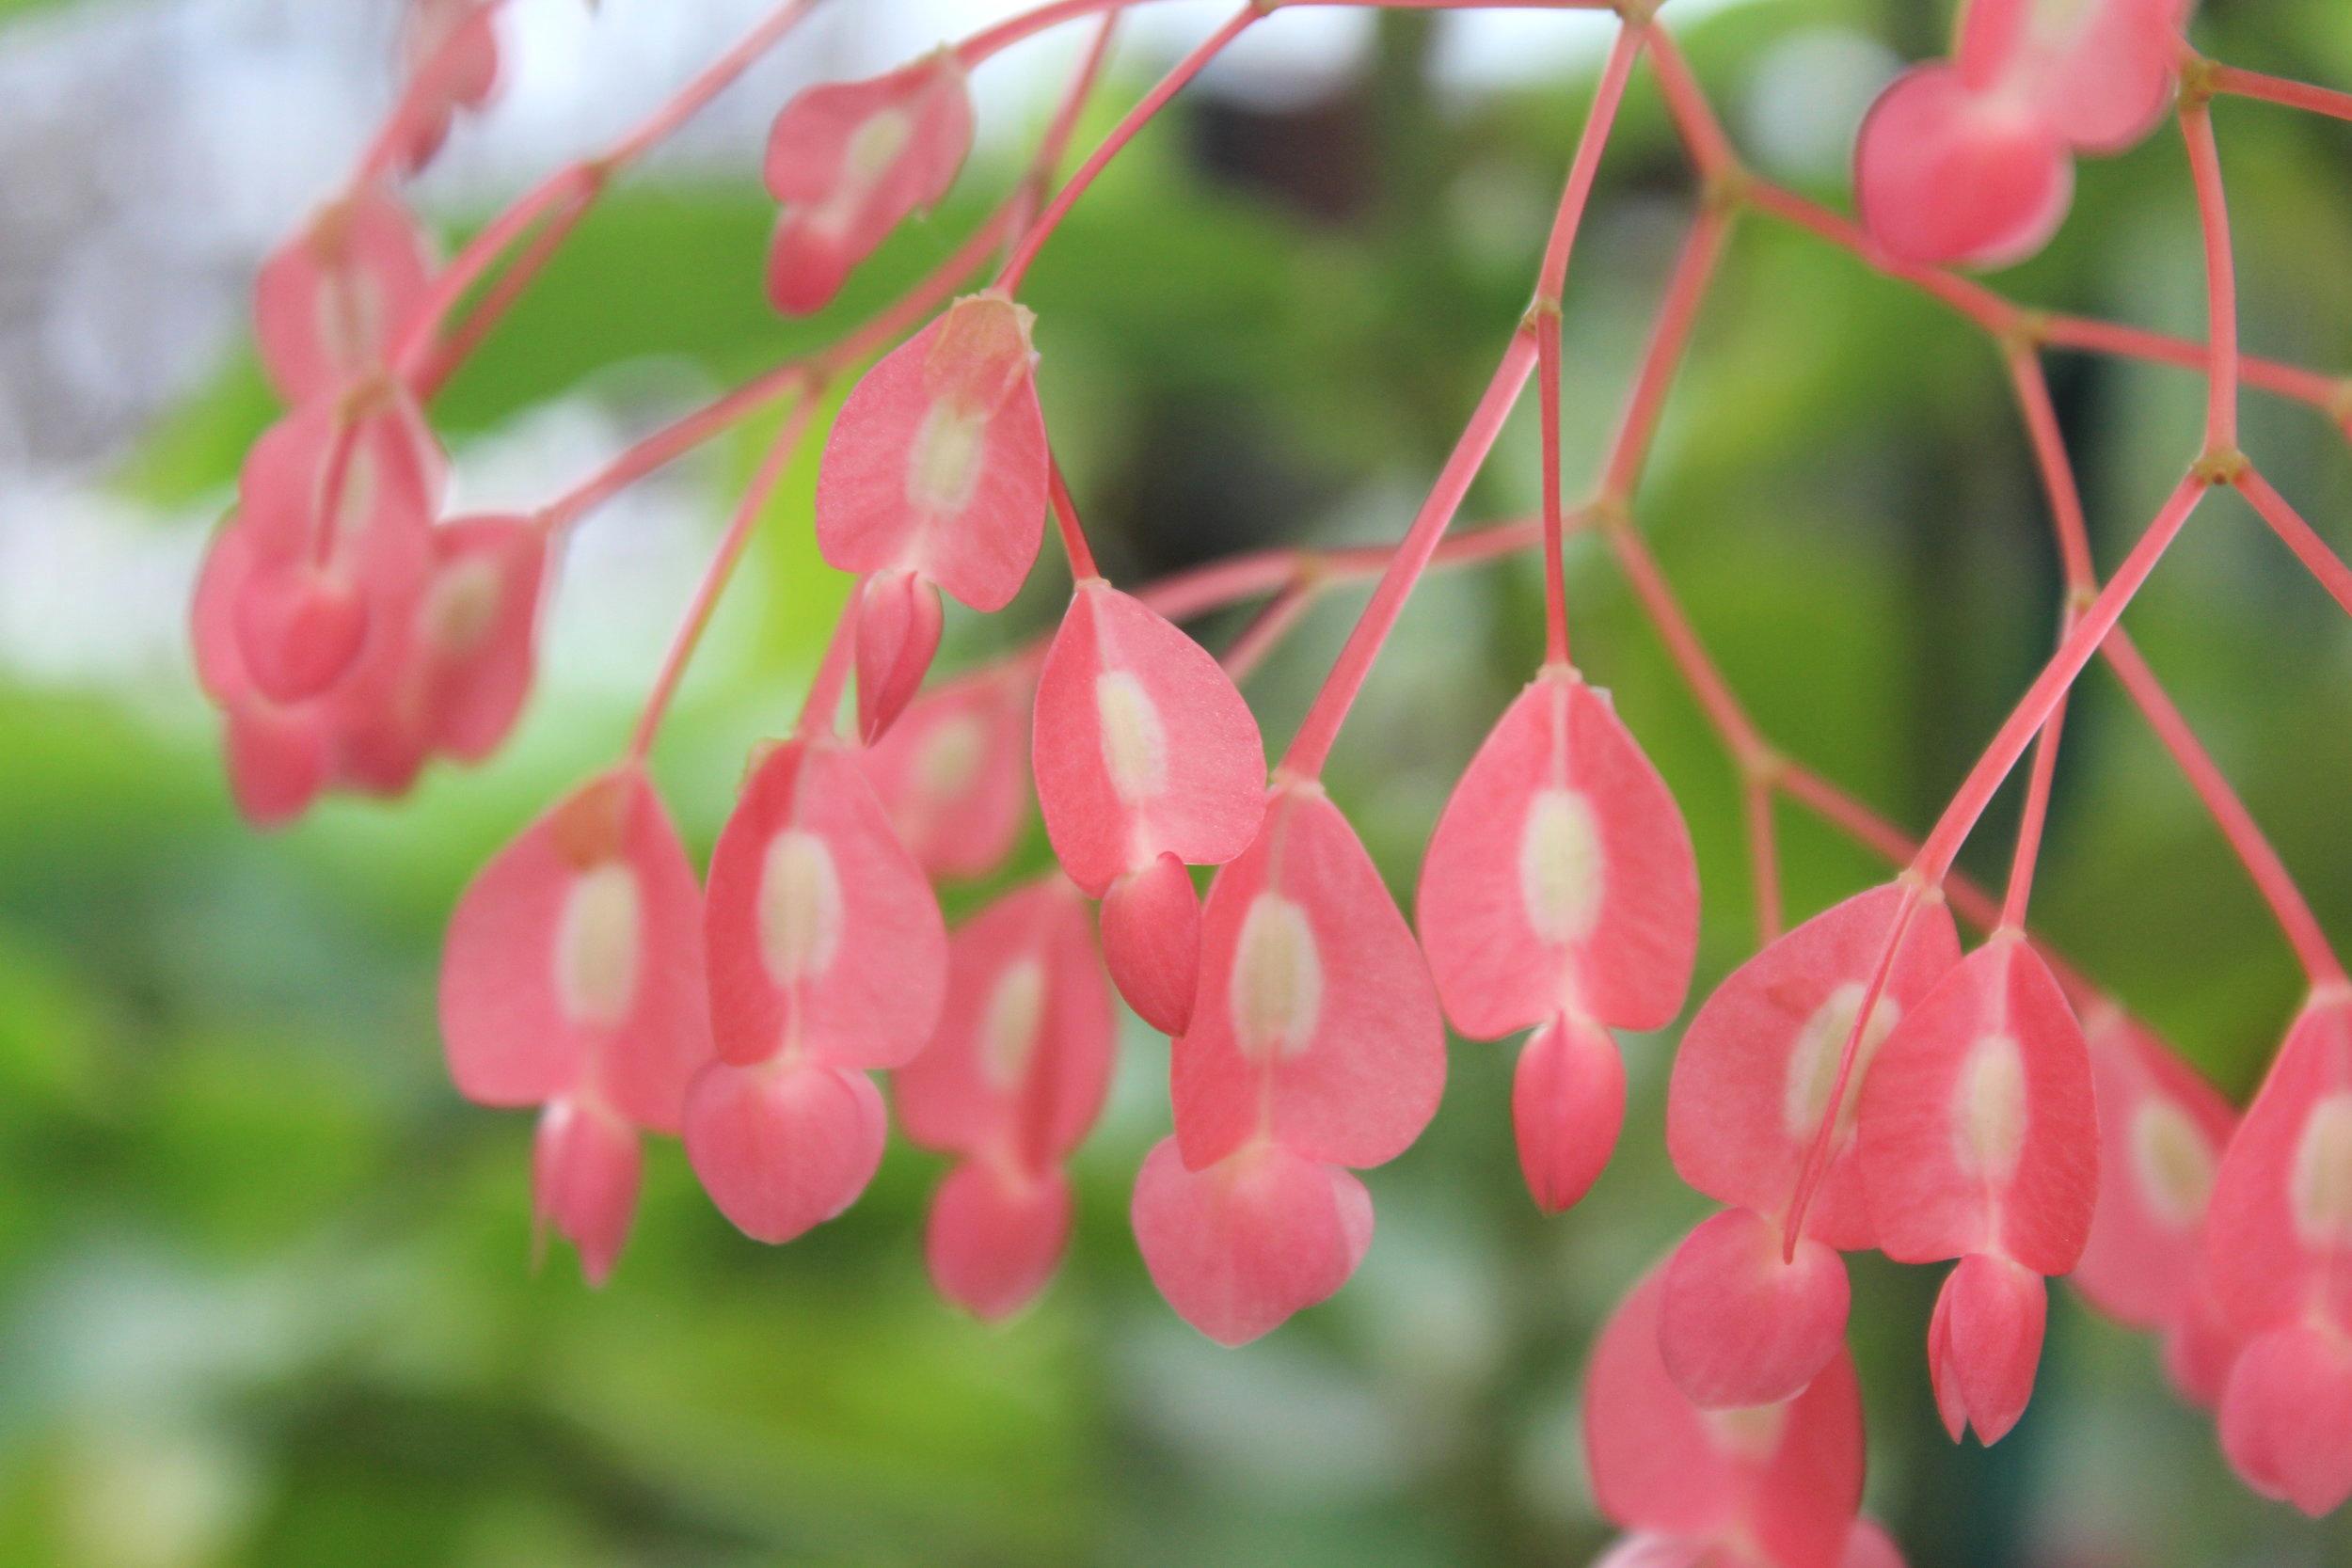 heart shaped pink flowers at garden.jpg